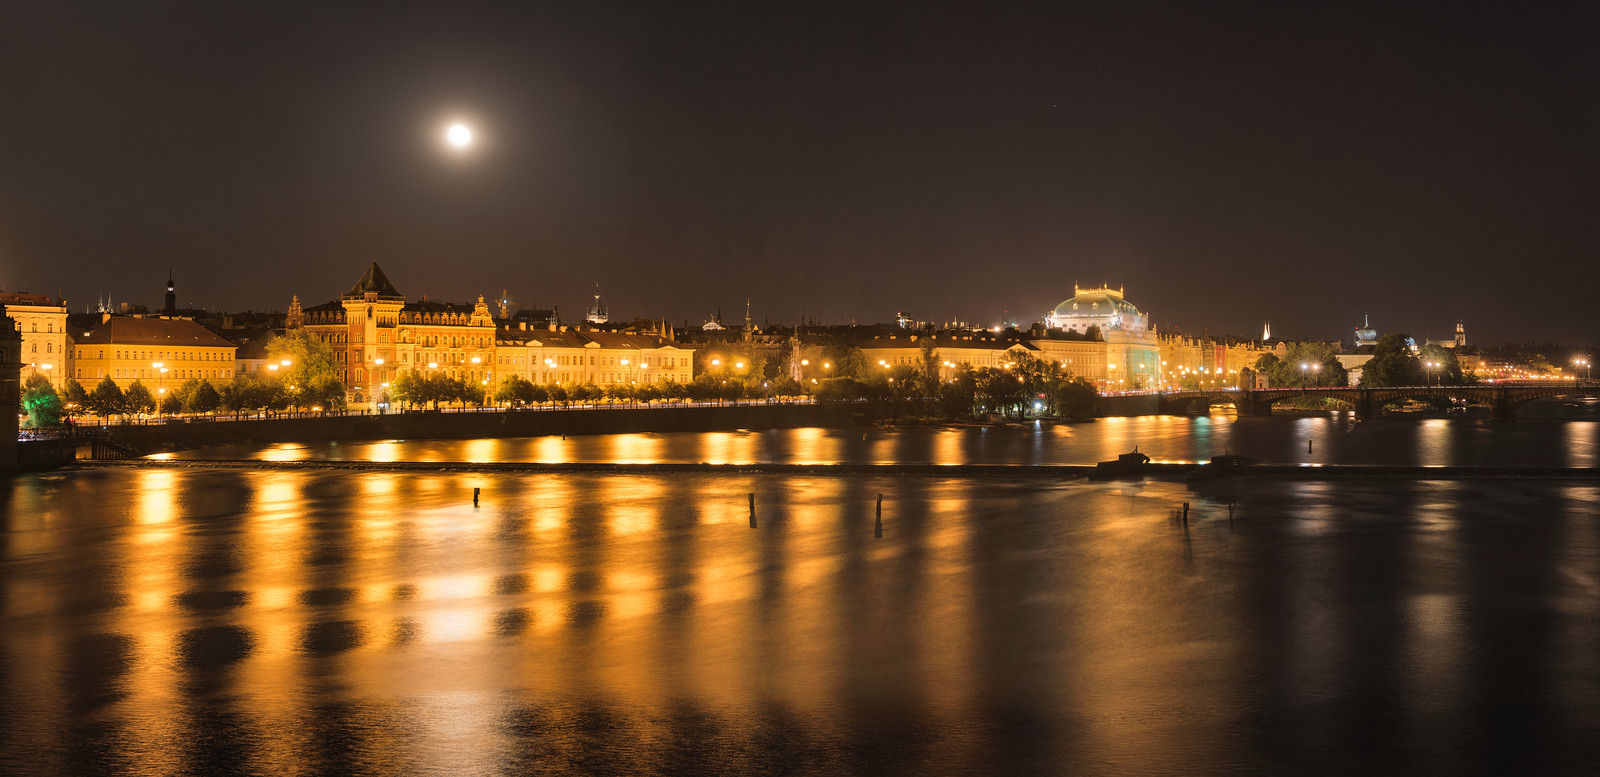 月光下的布拉格 645z + 28-45/f4.5